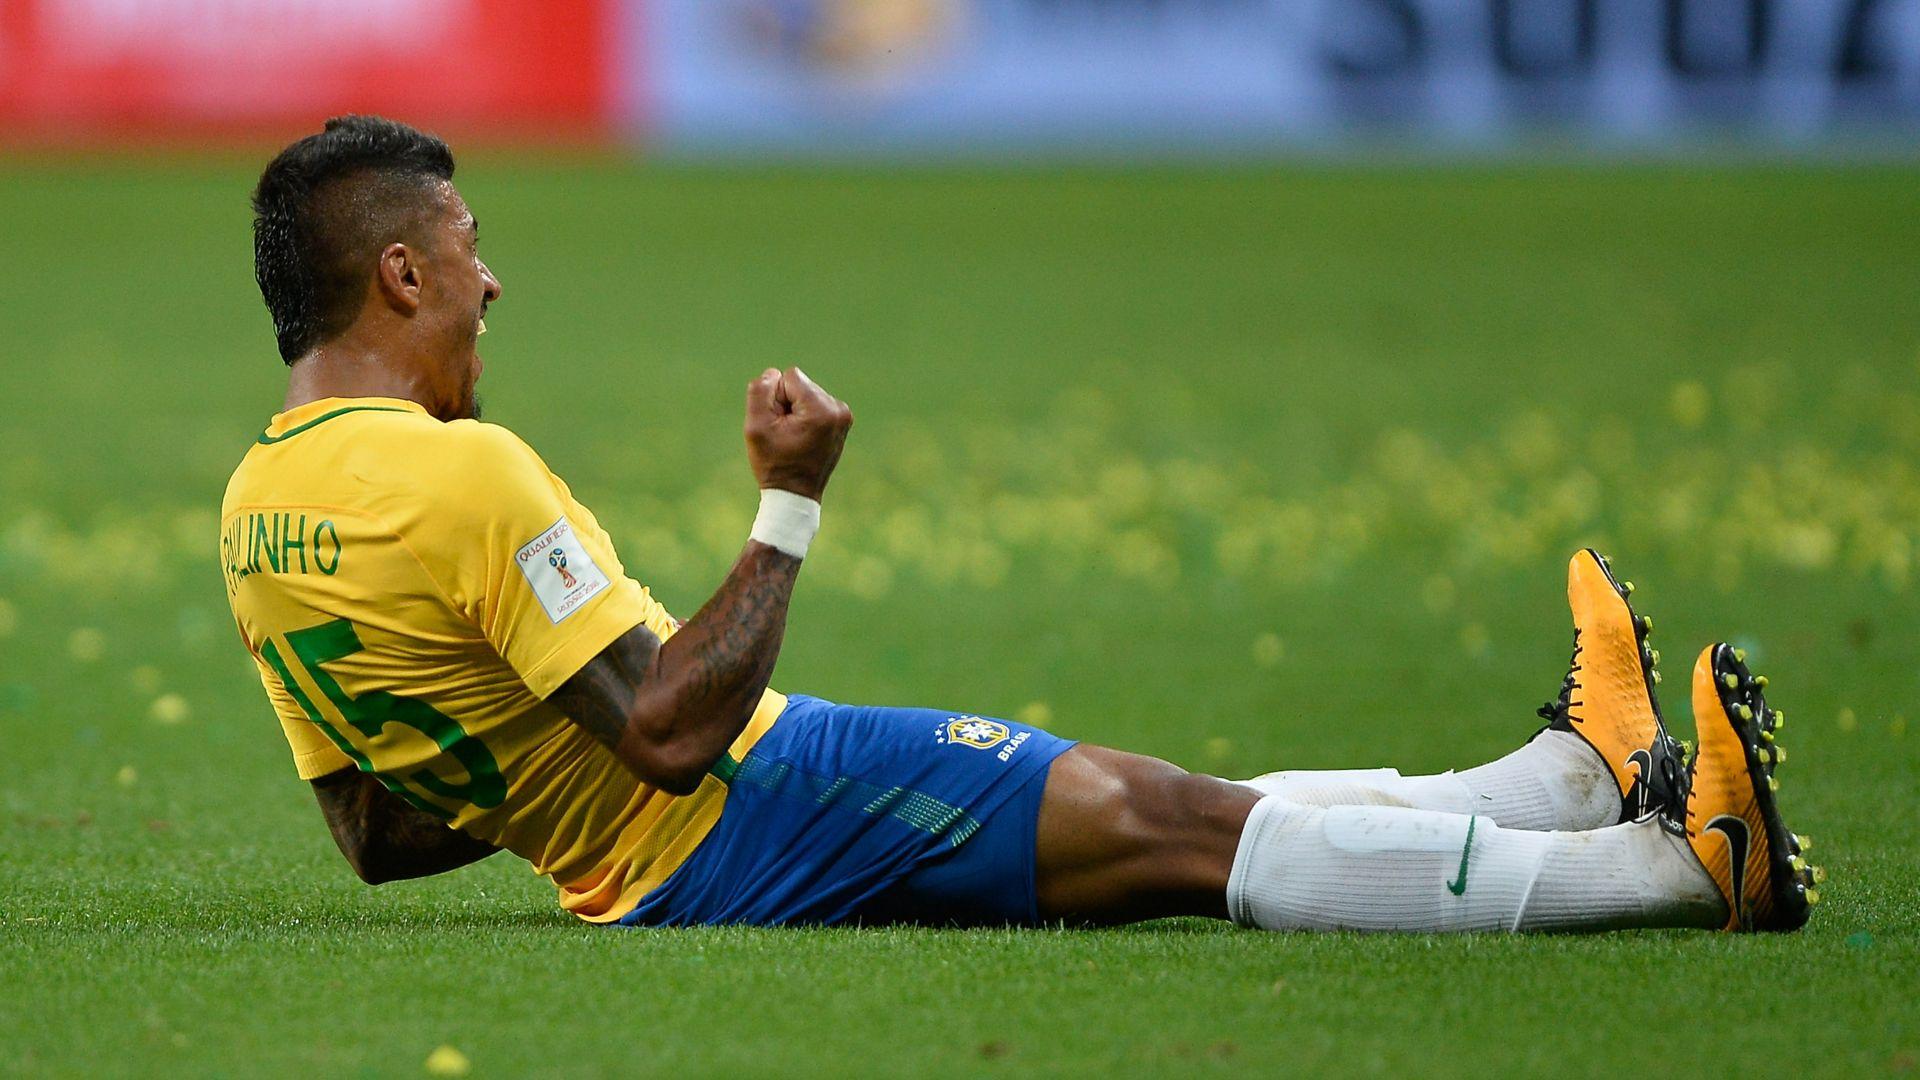 Paulinho Brazil Ecuador Eliminatorias 2018 31082017